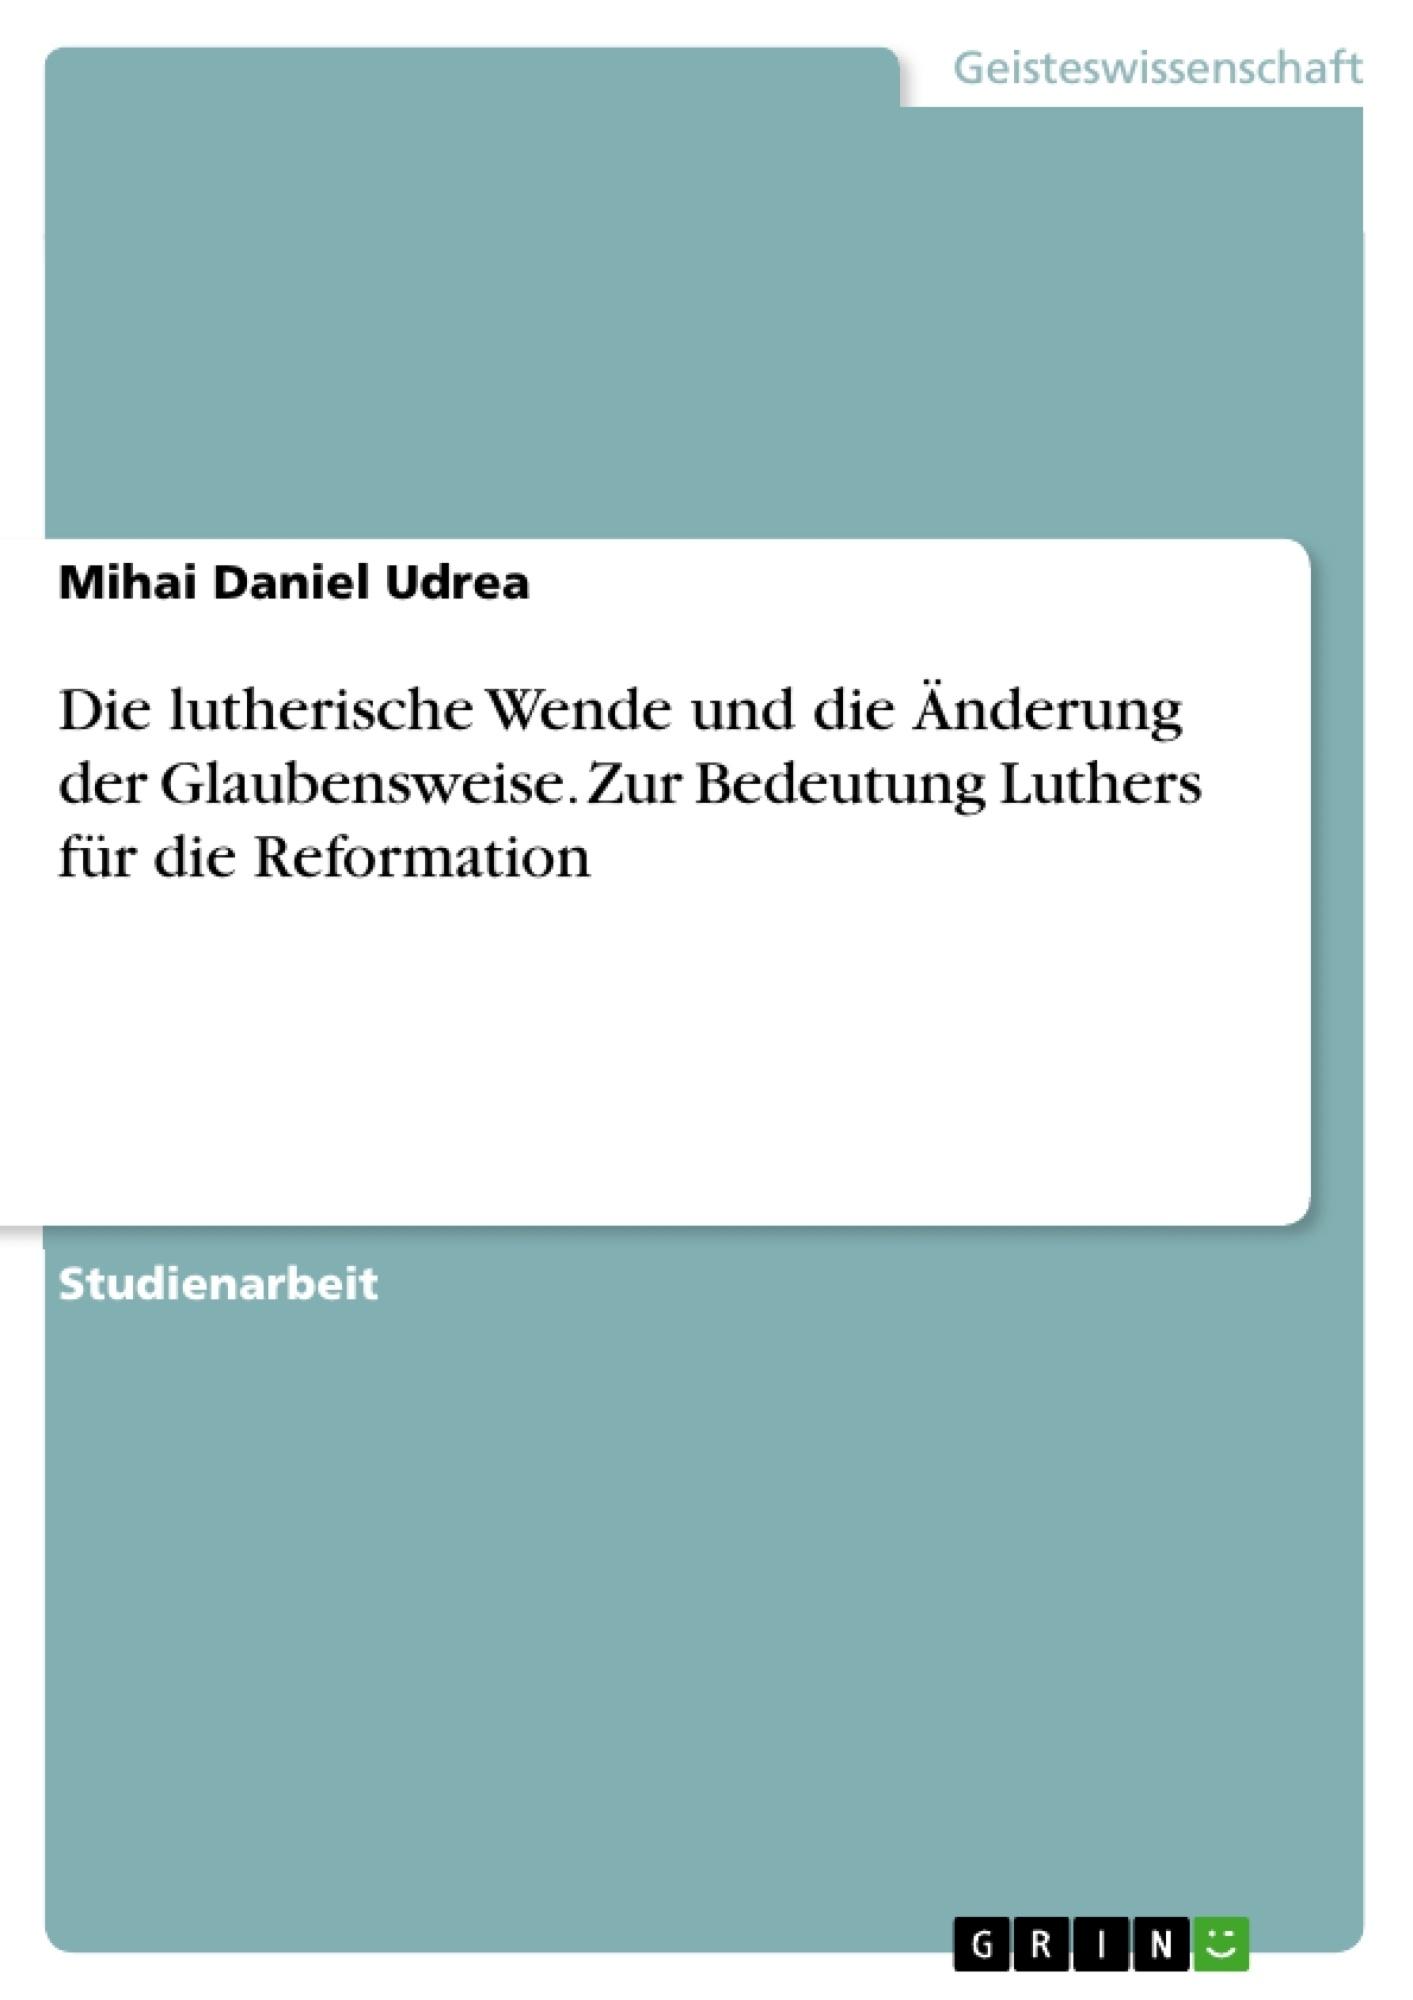 Titel: Die lutherische Wende und die Änderung der Glaubensweise. Zur Bedeutung Luthers für die Reformation